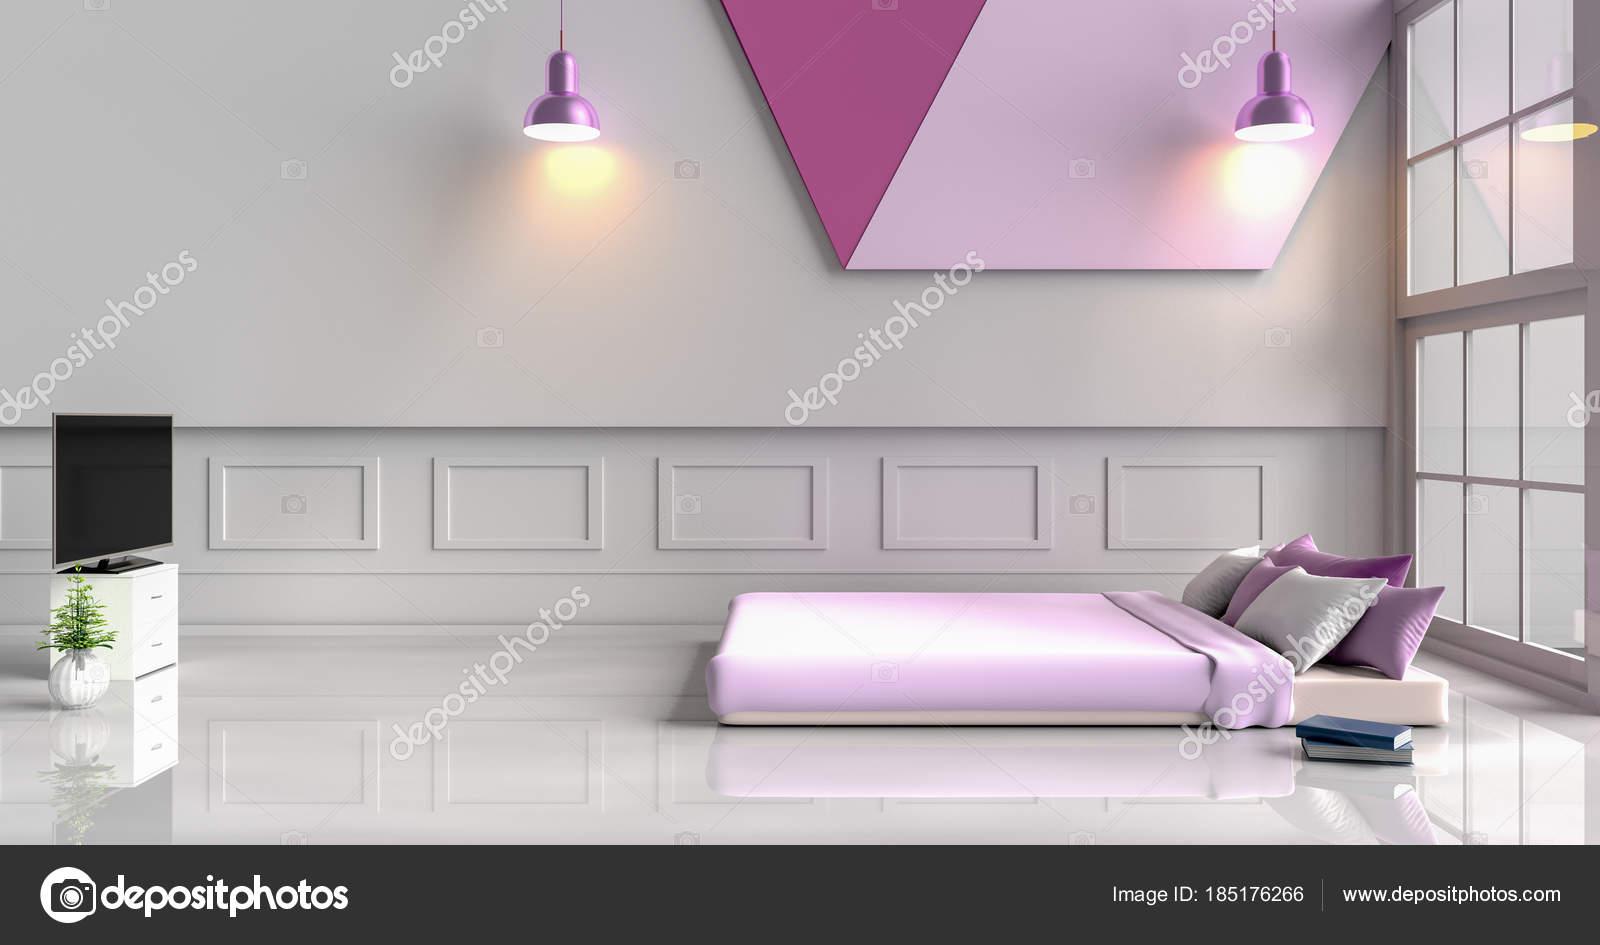 Camere Da Letto Viola : Camera letto bianco viola decorata con letto viola albero vaso